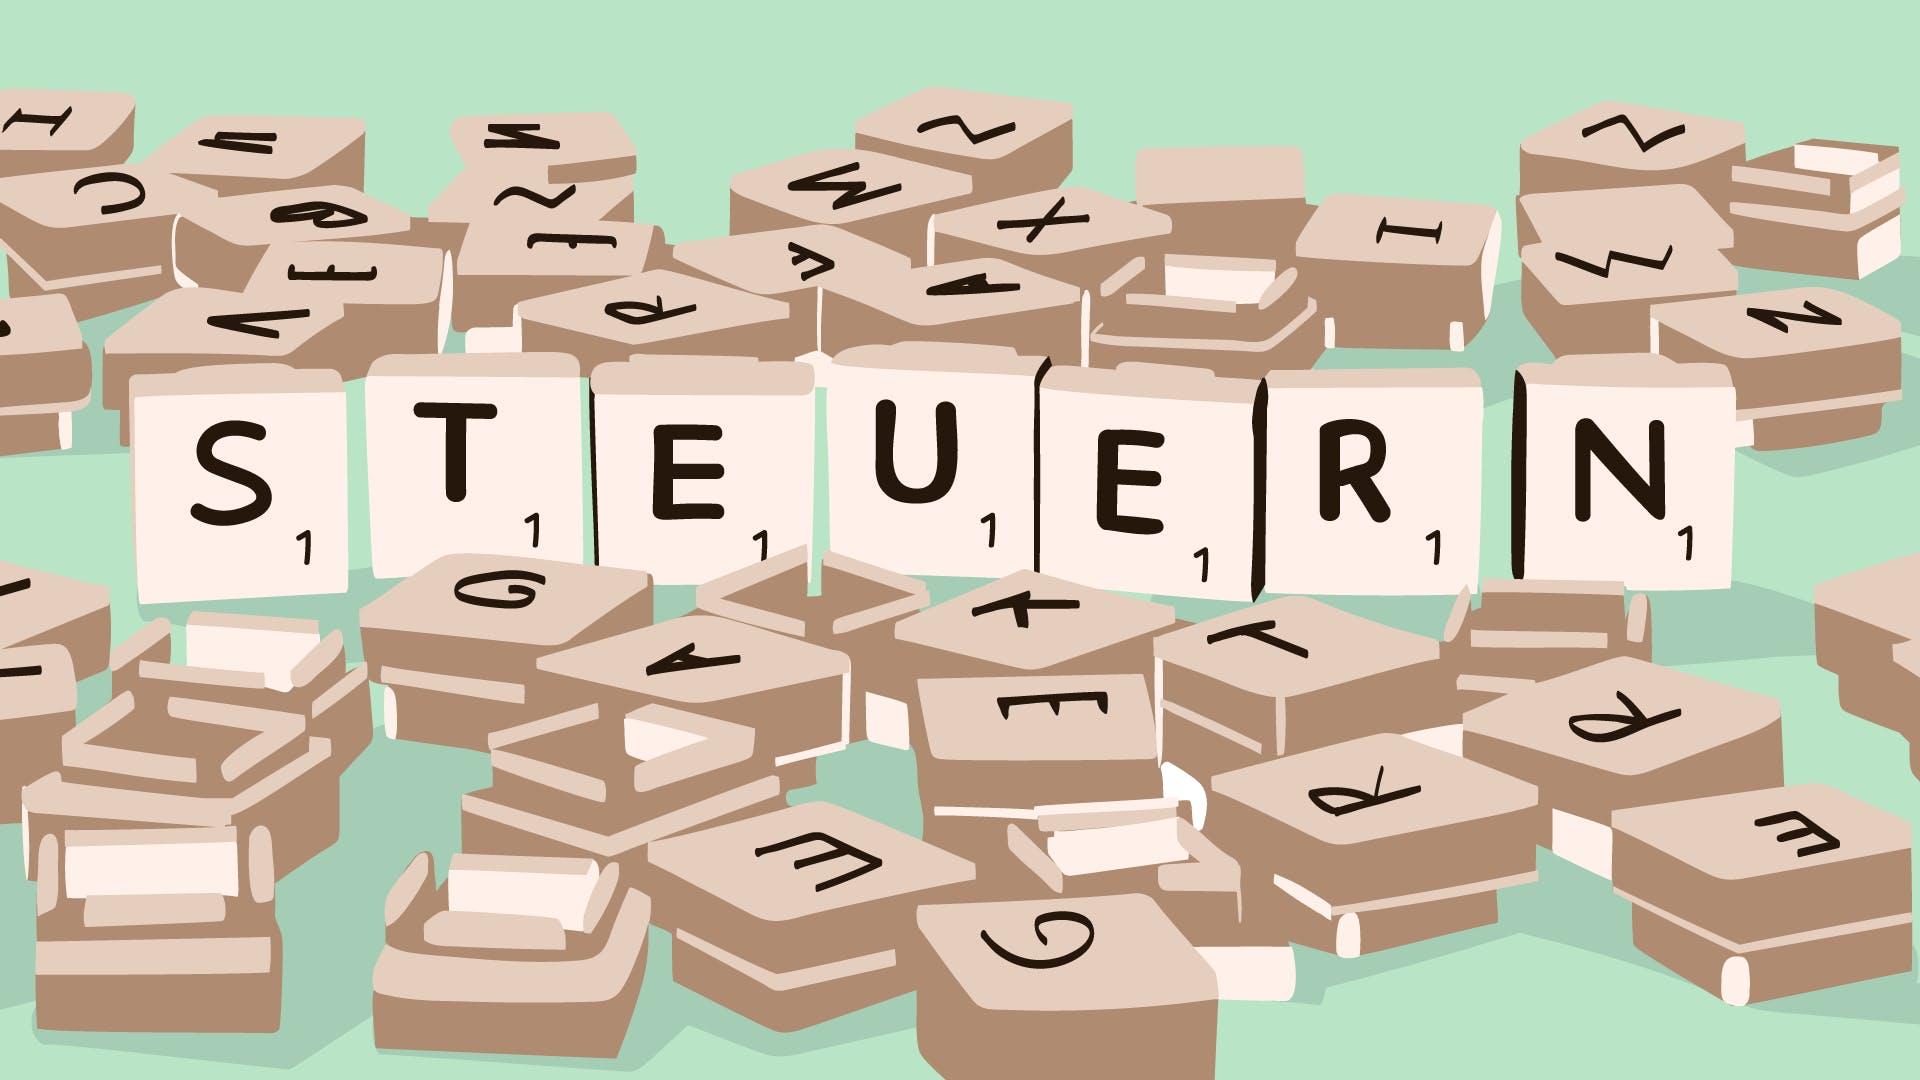 Buchstaben Bausteine auf grünem Hintergrund liegend, ergeben das Wort Steuern.